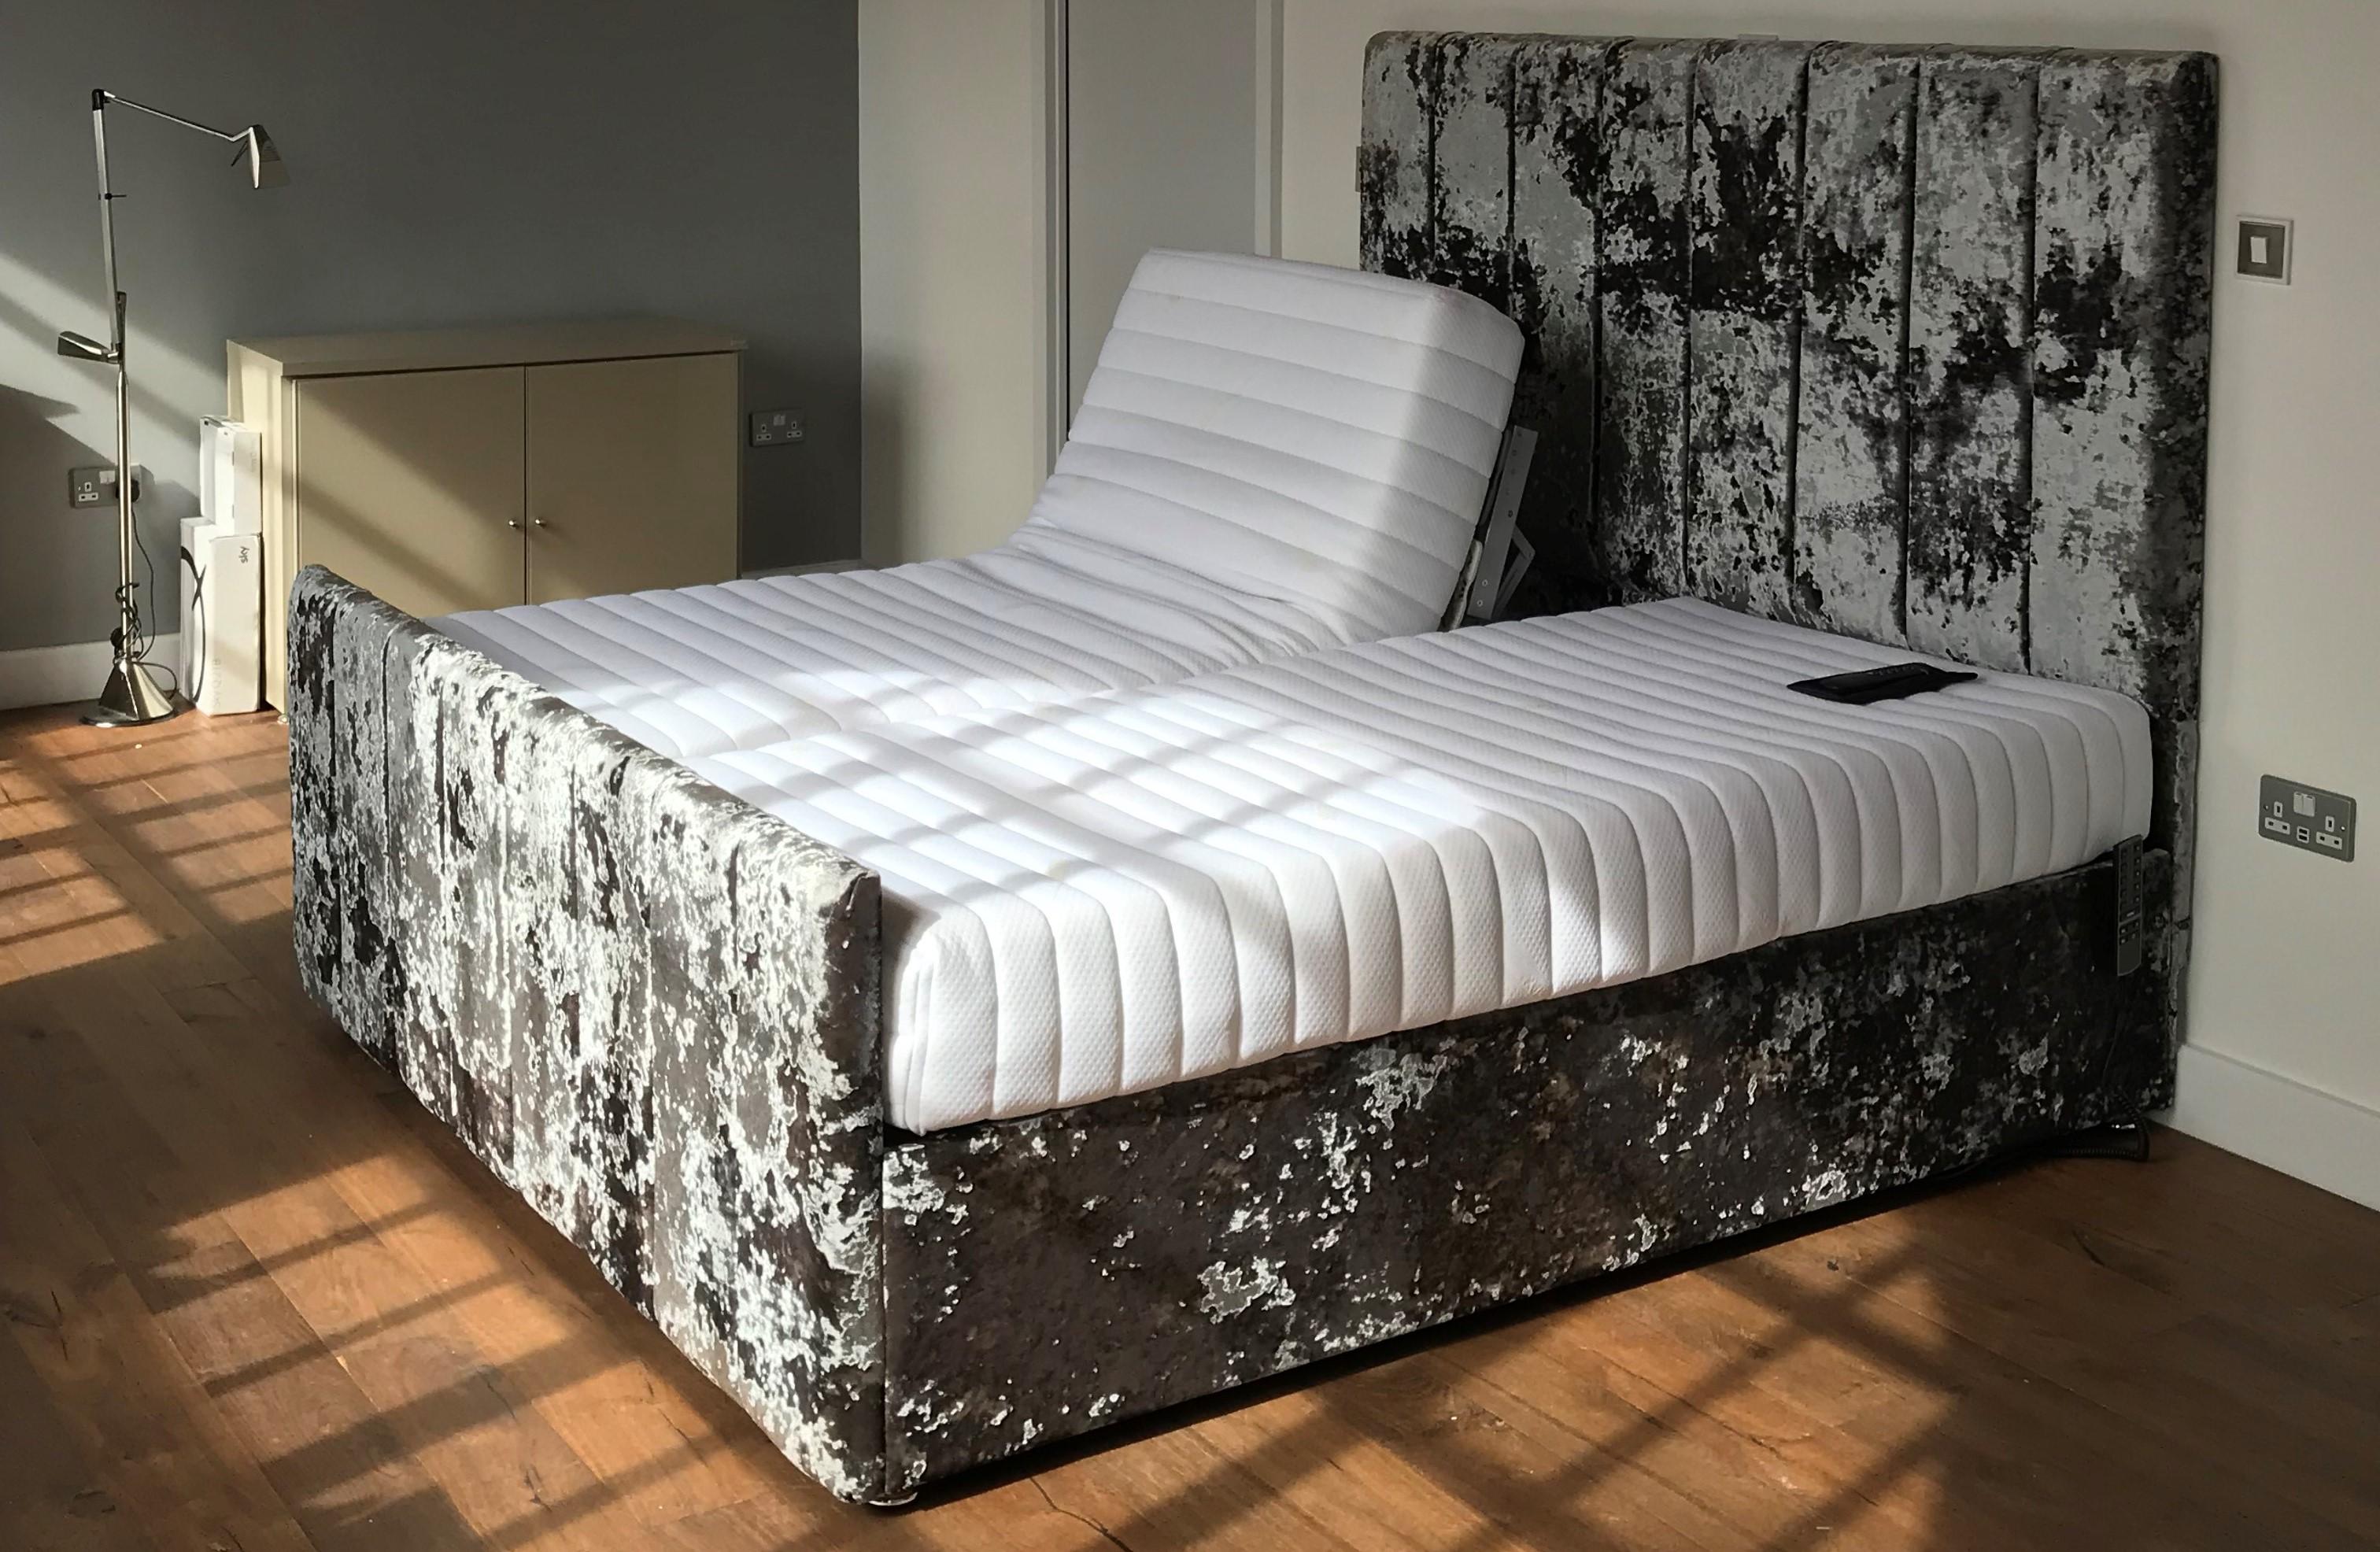 6ft Super King Adjustable Bed